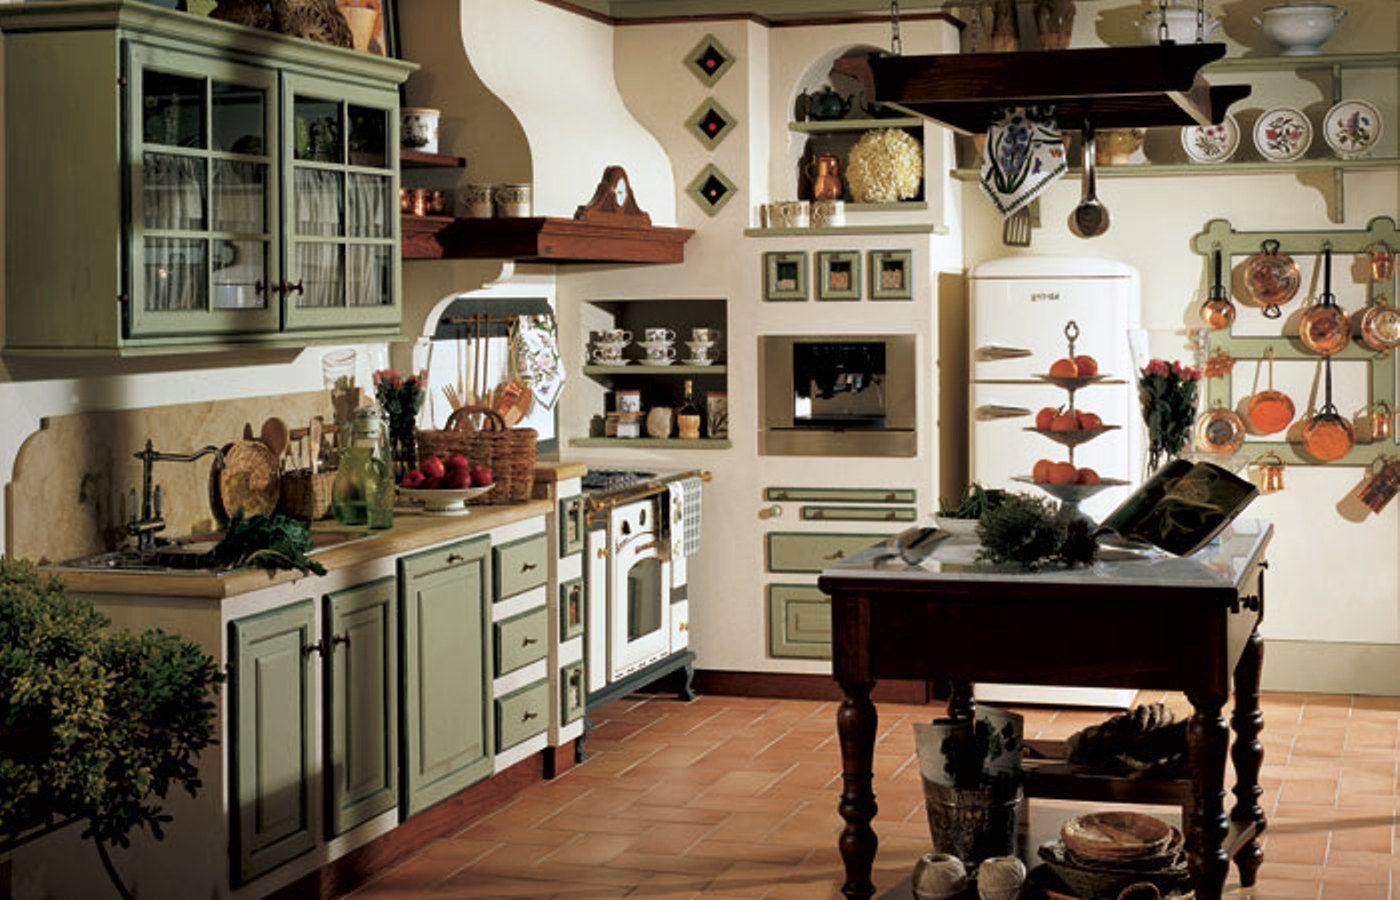 CUCINA IN MURATURA | Cucina | Pinterest | Cucina, Mediterranean ...